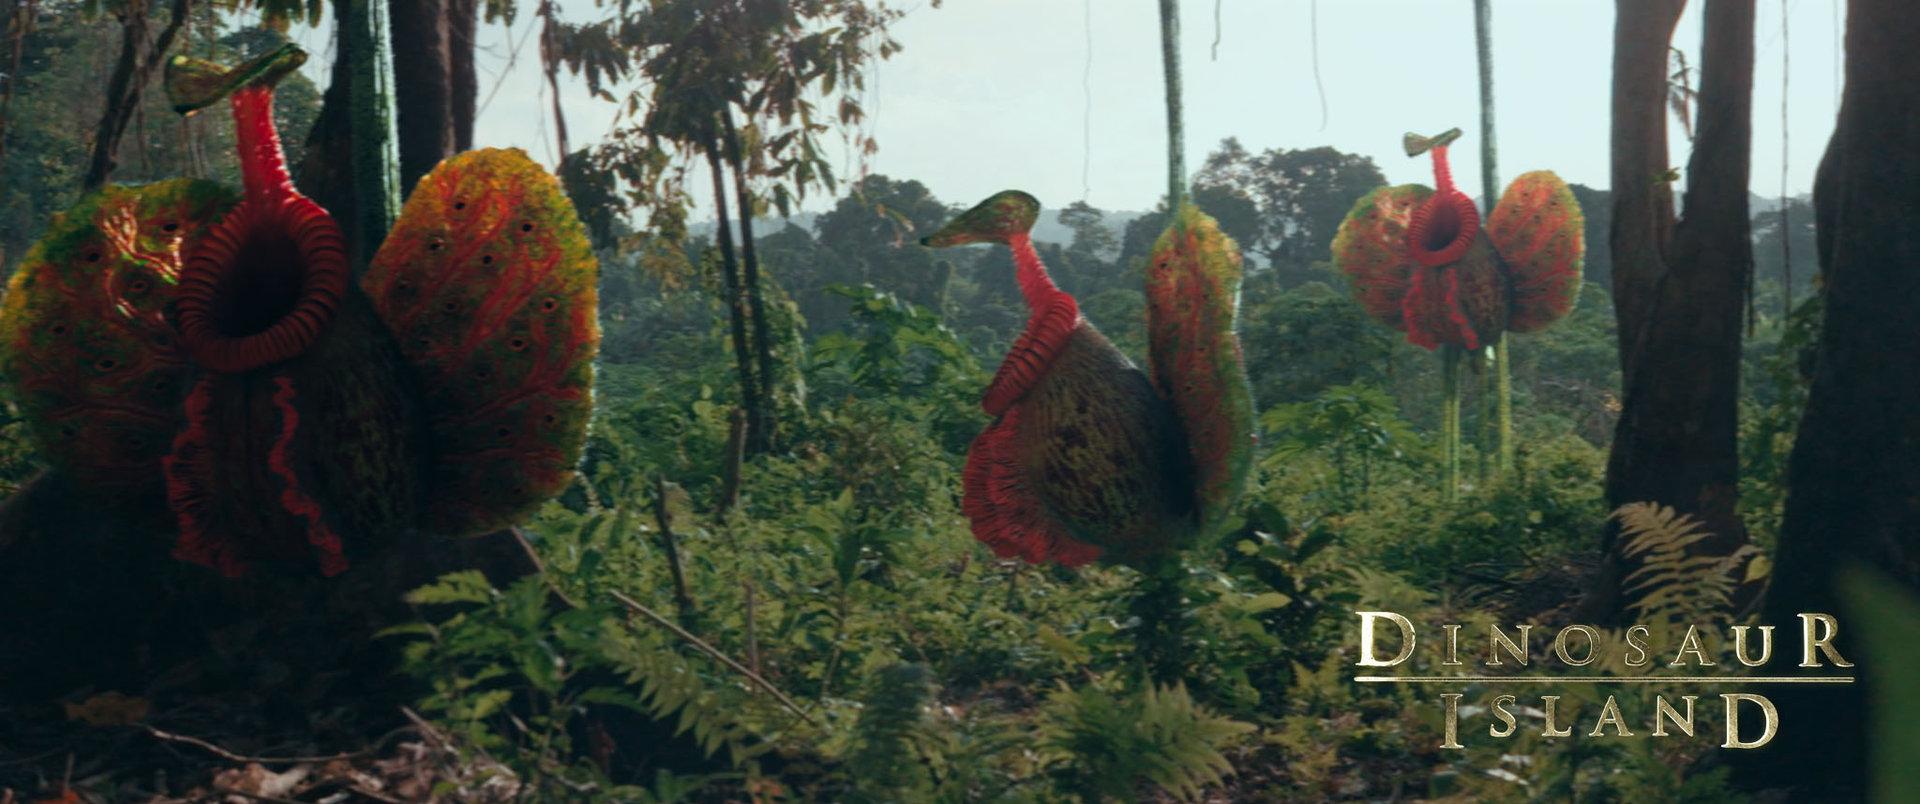 Calin iordache dinosaurisland epiphytes